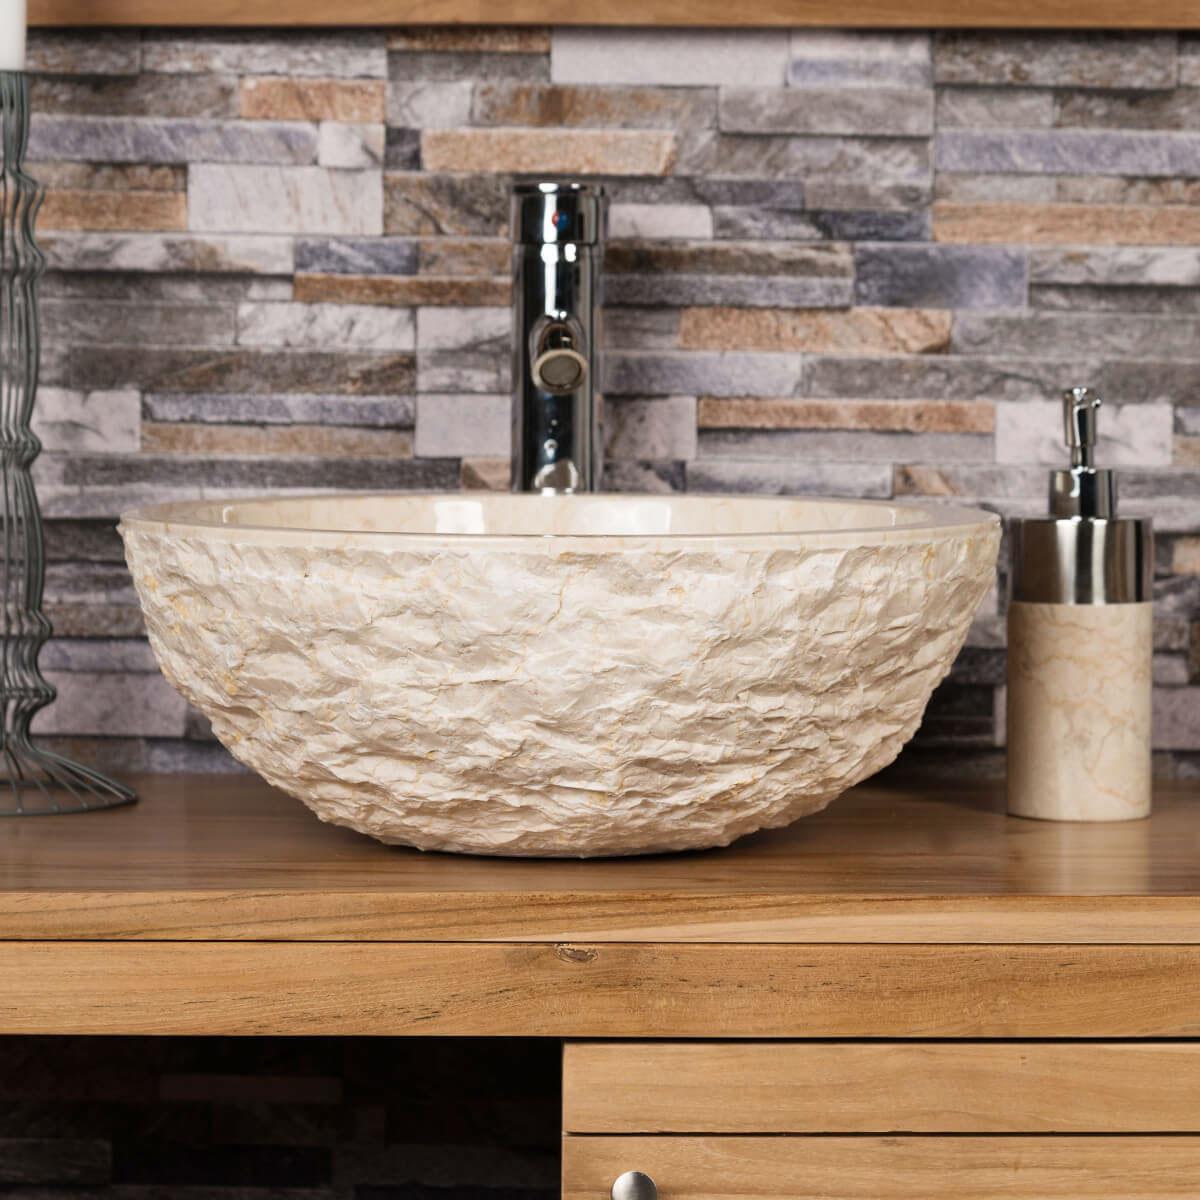 vasque rome en marbre poser cr me 40cm. Black Bedroom Furniture Sets. Home Design Ideas